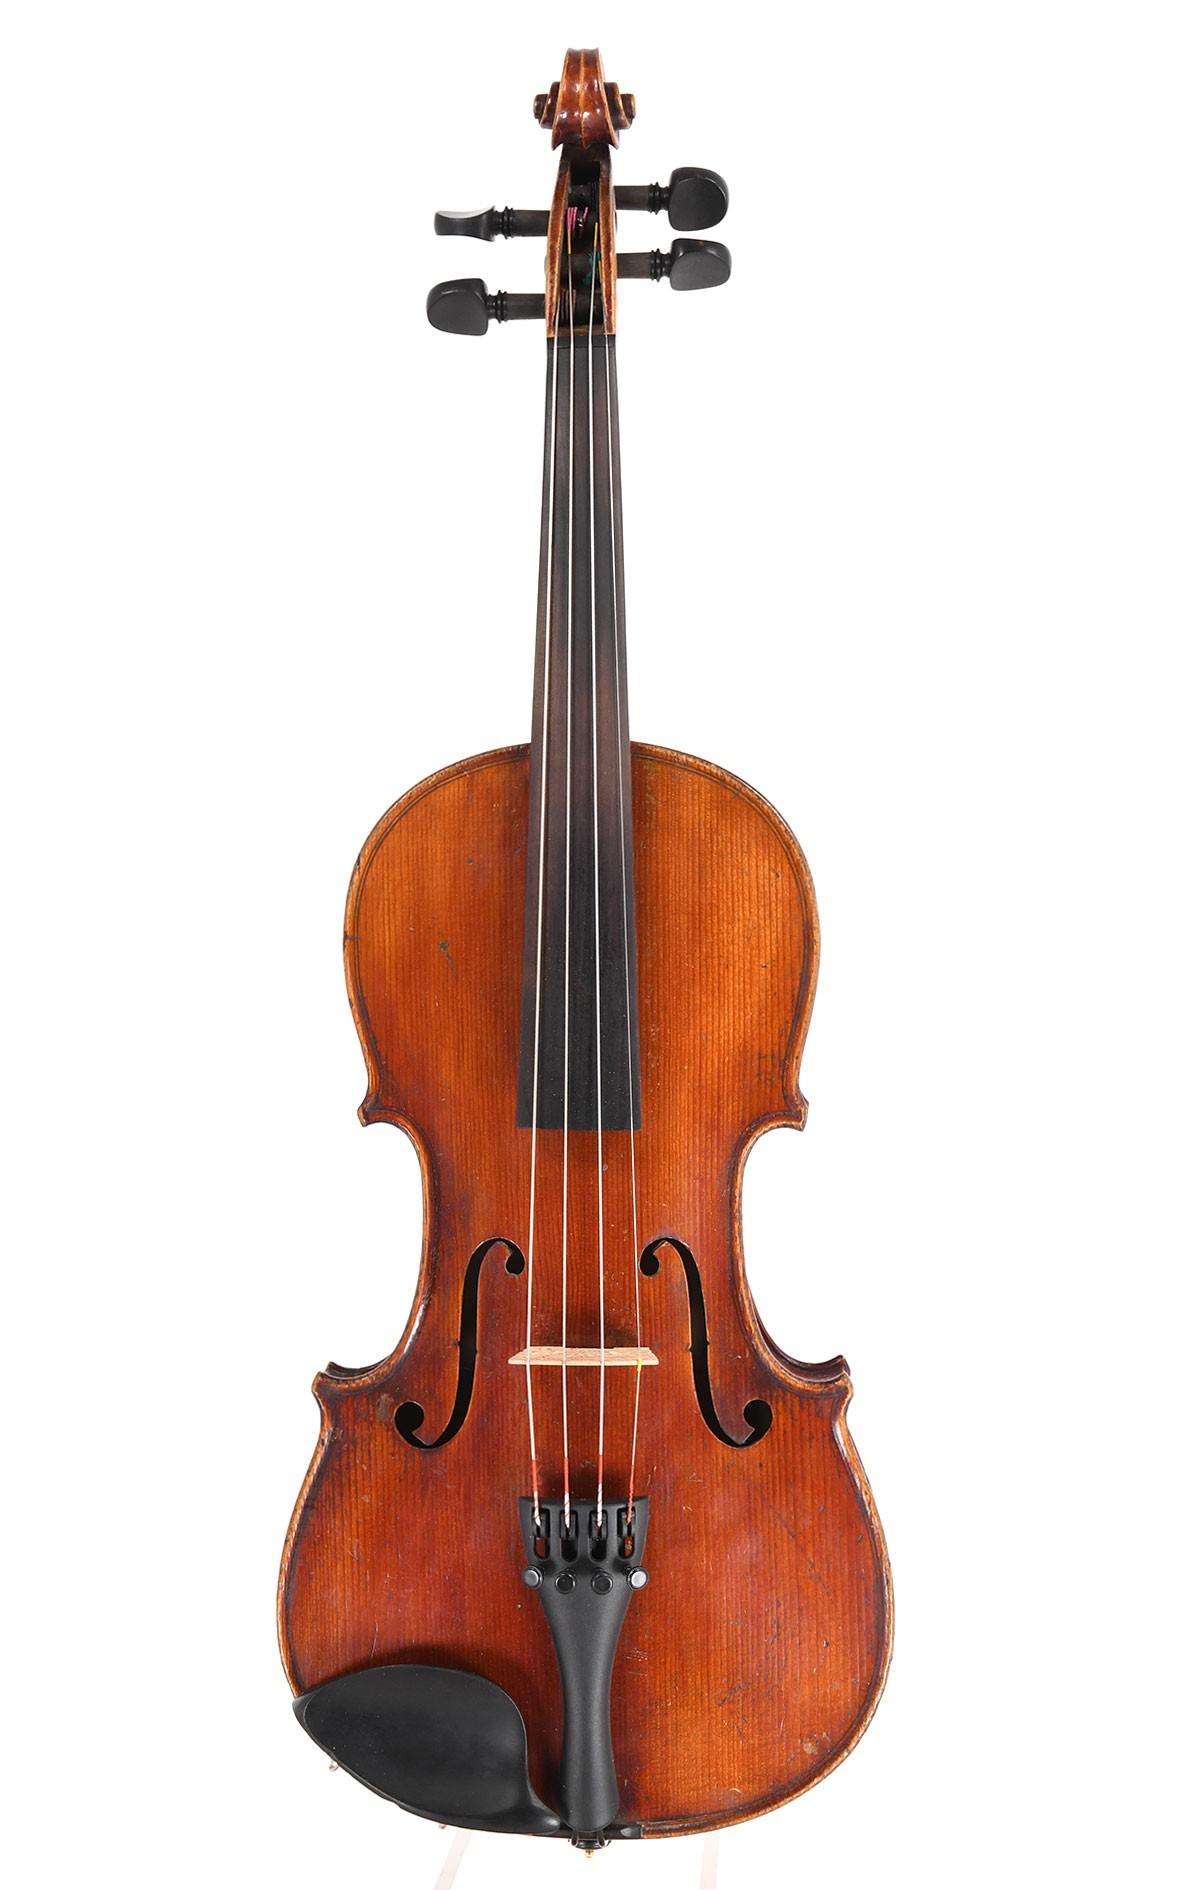 Feine Mittenwalder 3/4 Geige, Neuner & Hornsteiner um 1880